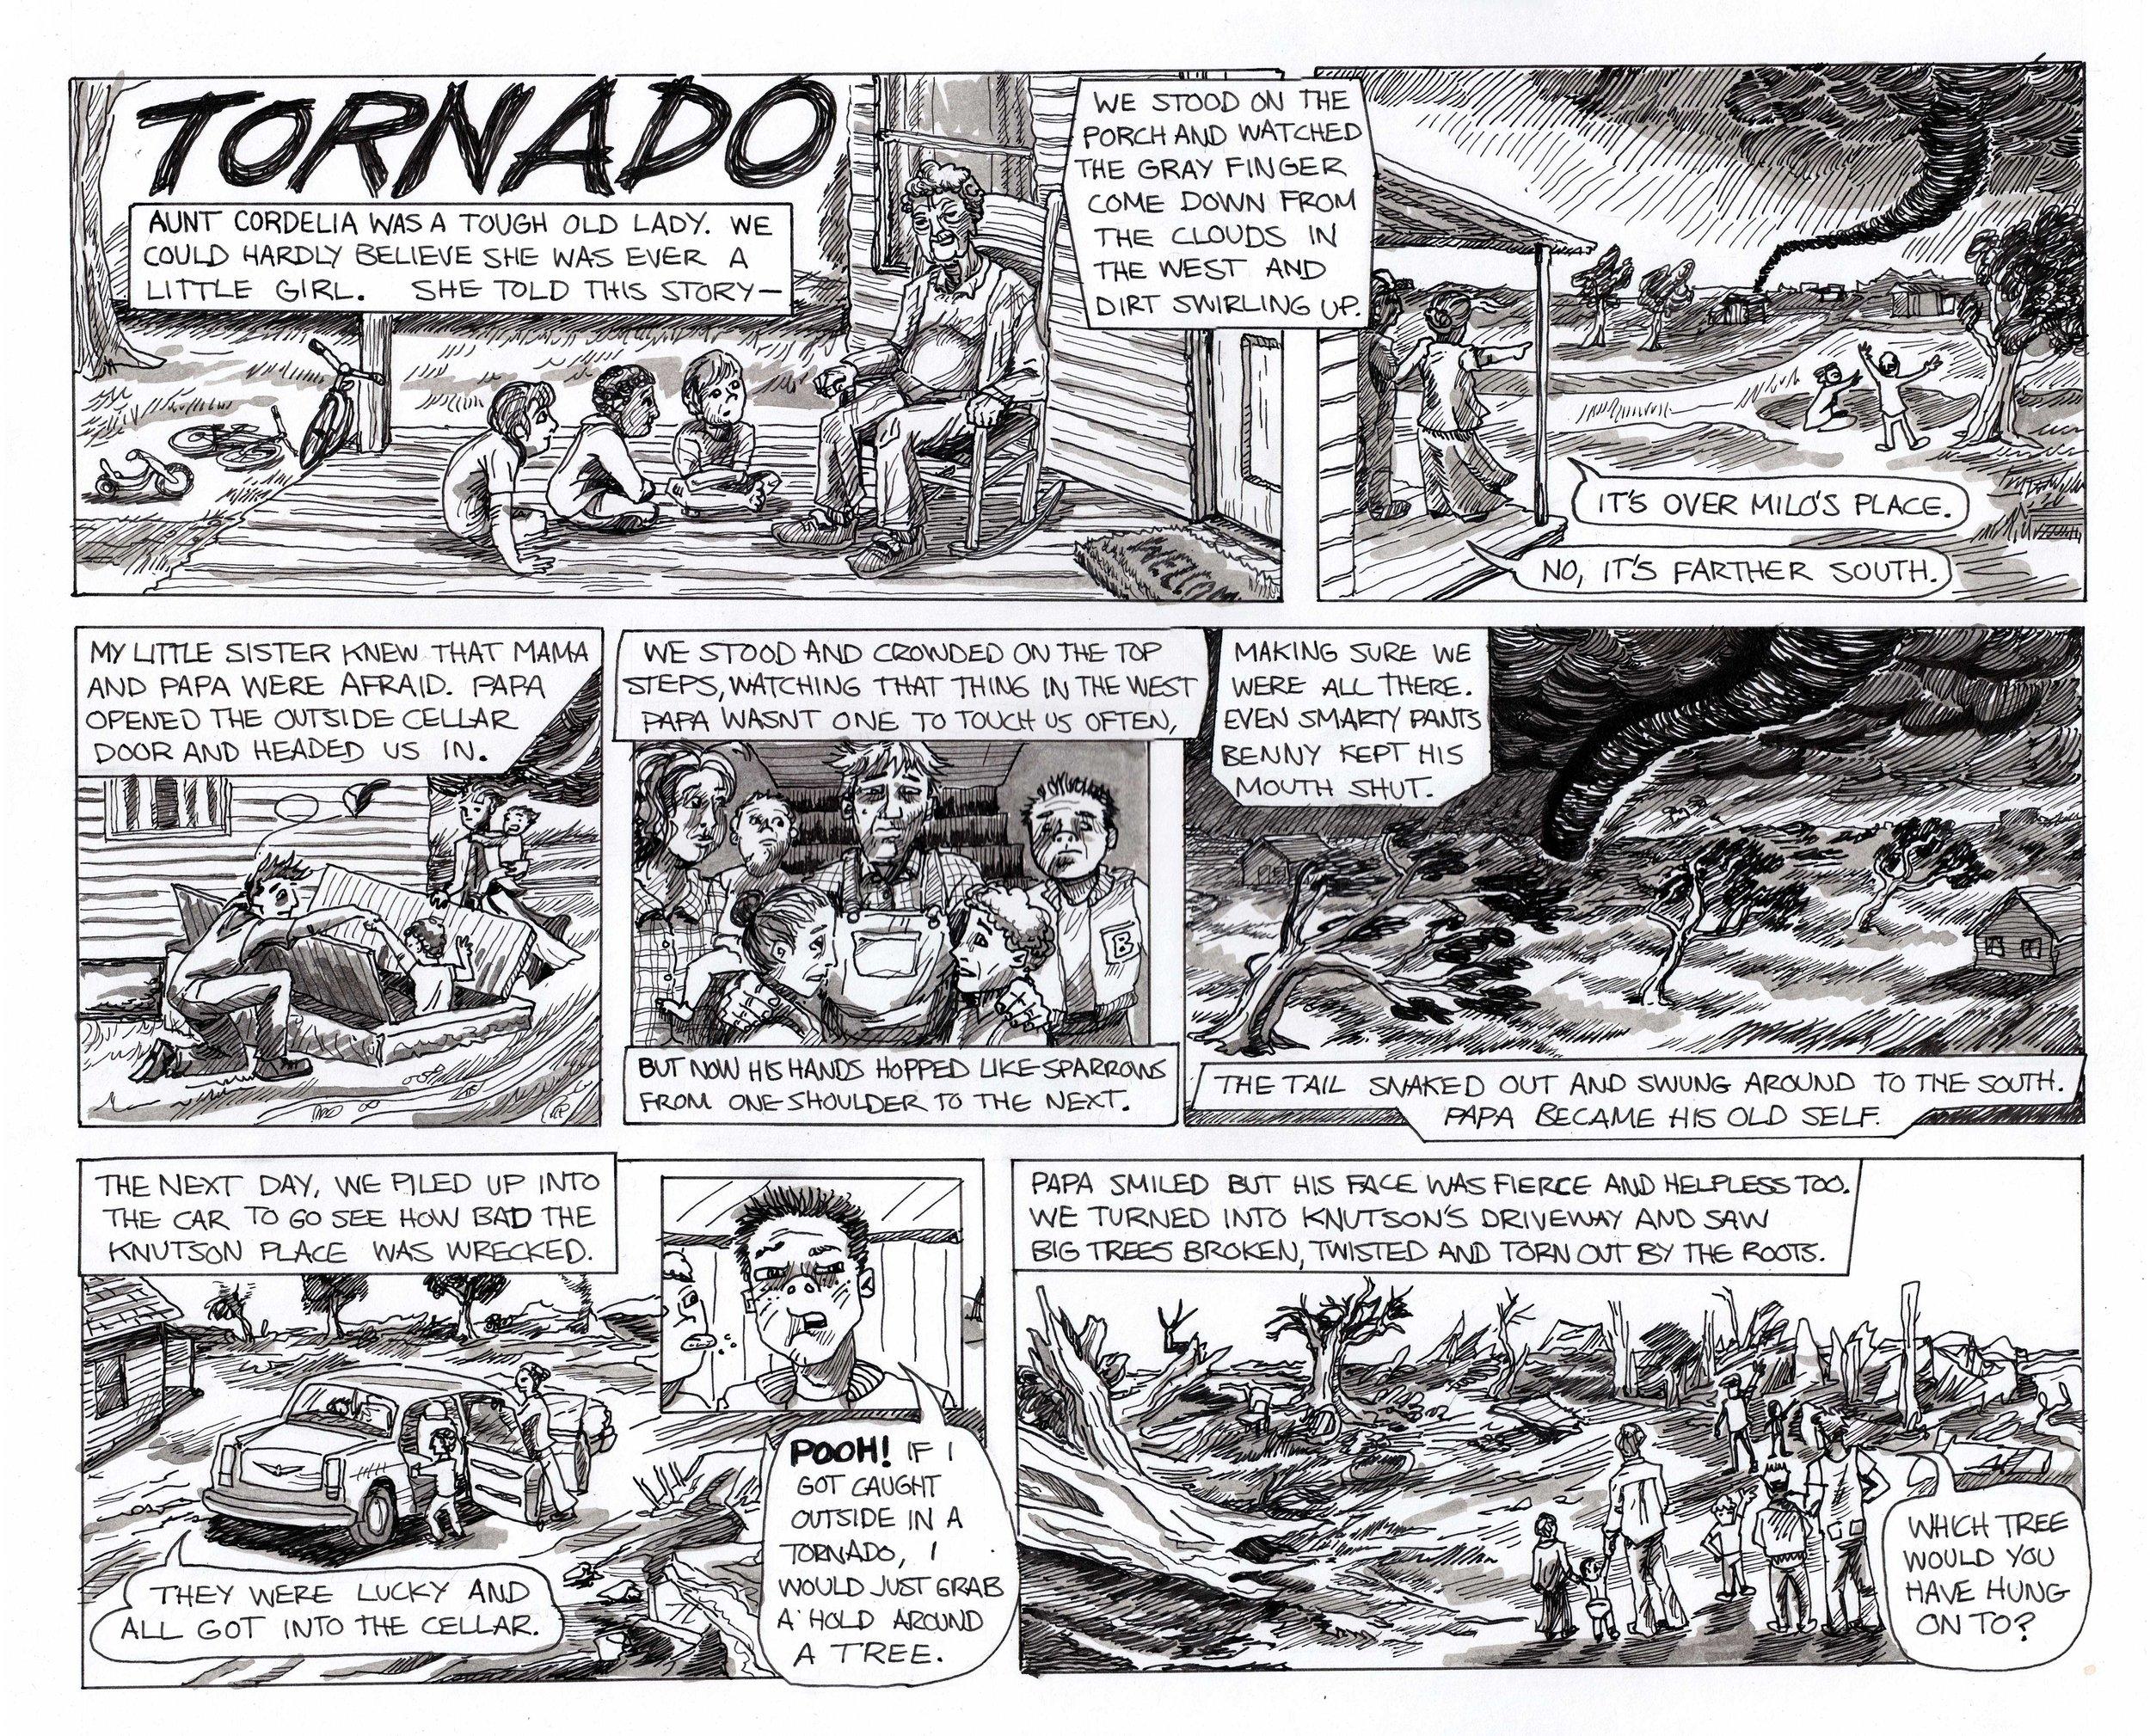 Tornado---Leo-Dangel copy.jpg